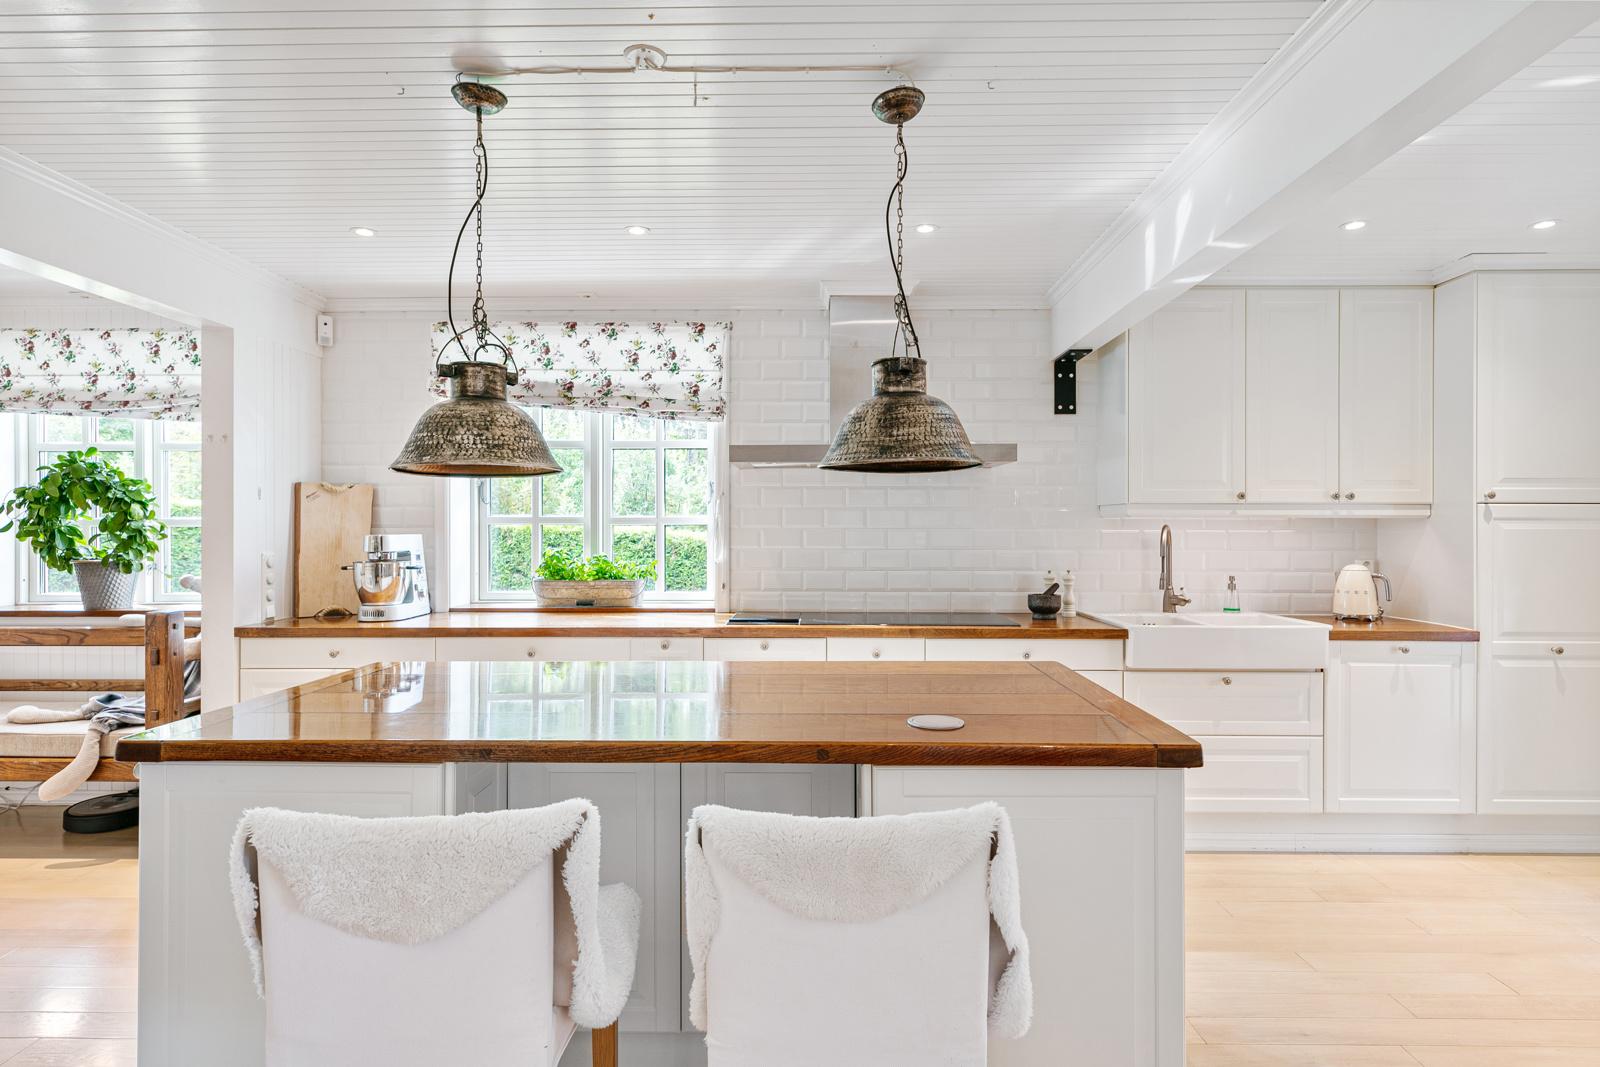 Sitteplass ved øyen på kjøkkenet